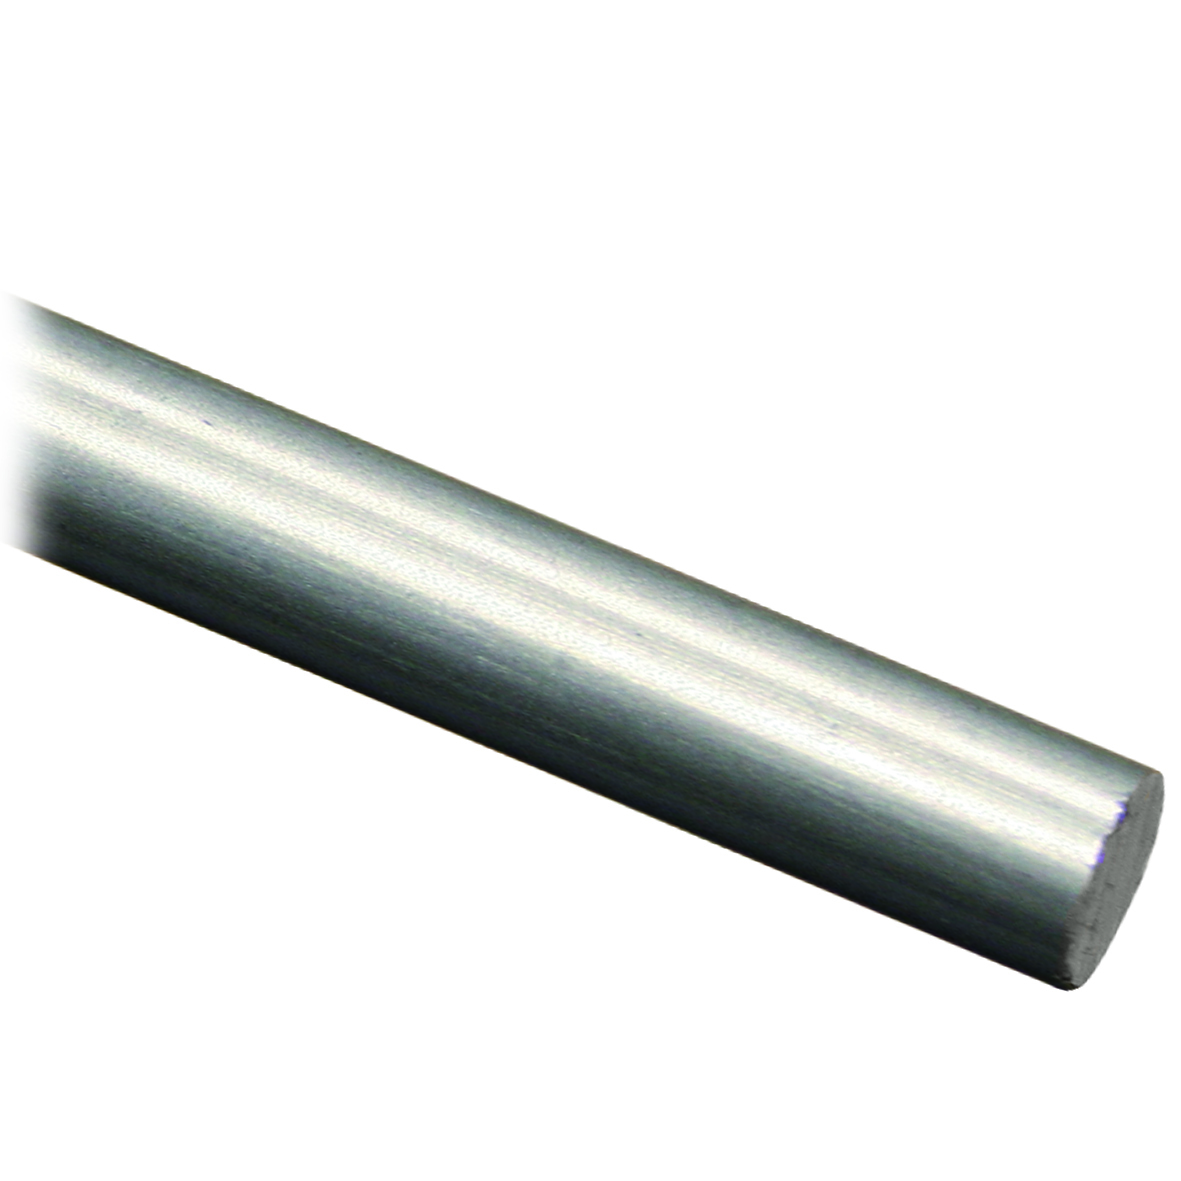 145 cm Edelstahl V2A Stab/Rundstahl Ø 6 mm, ungeschliffen